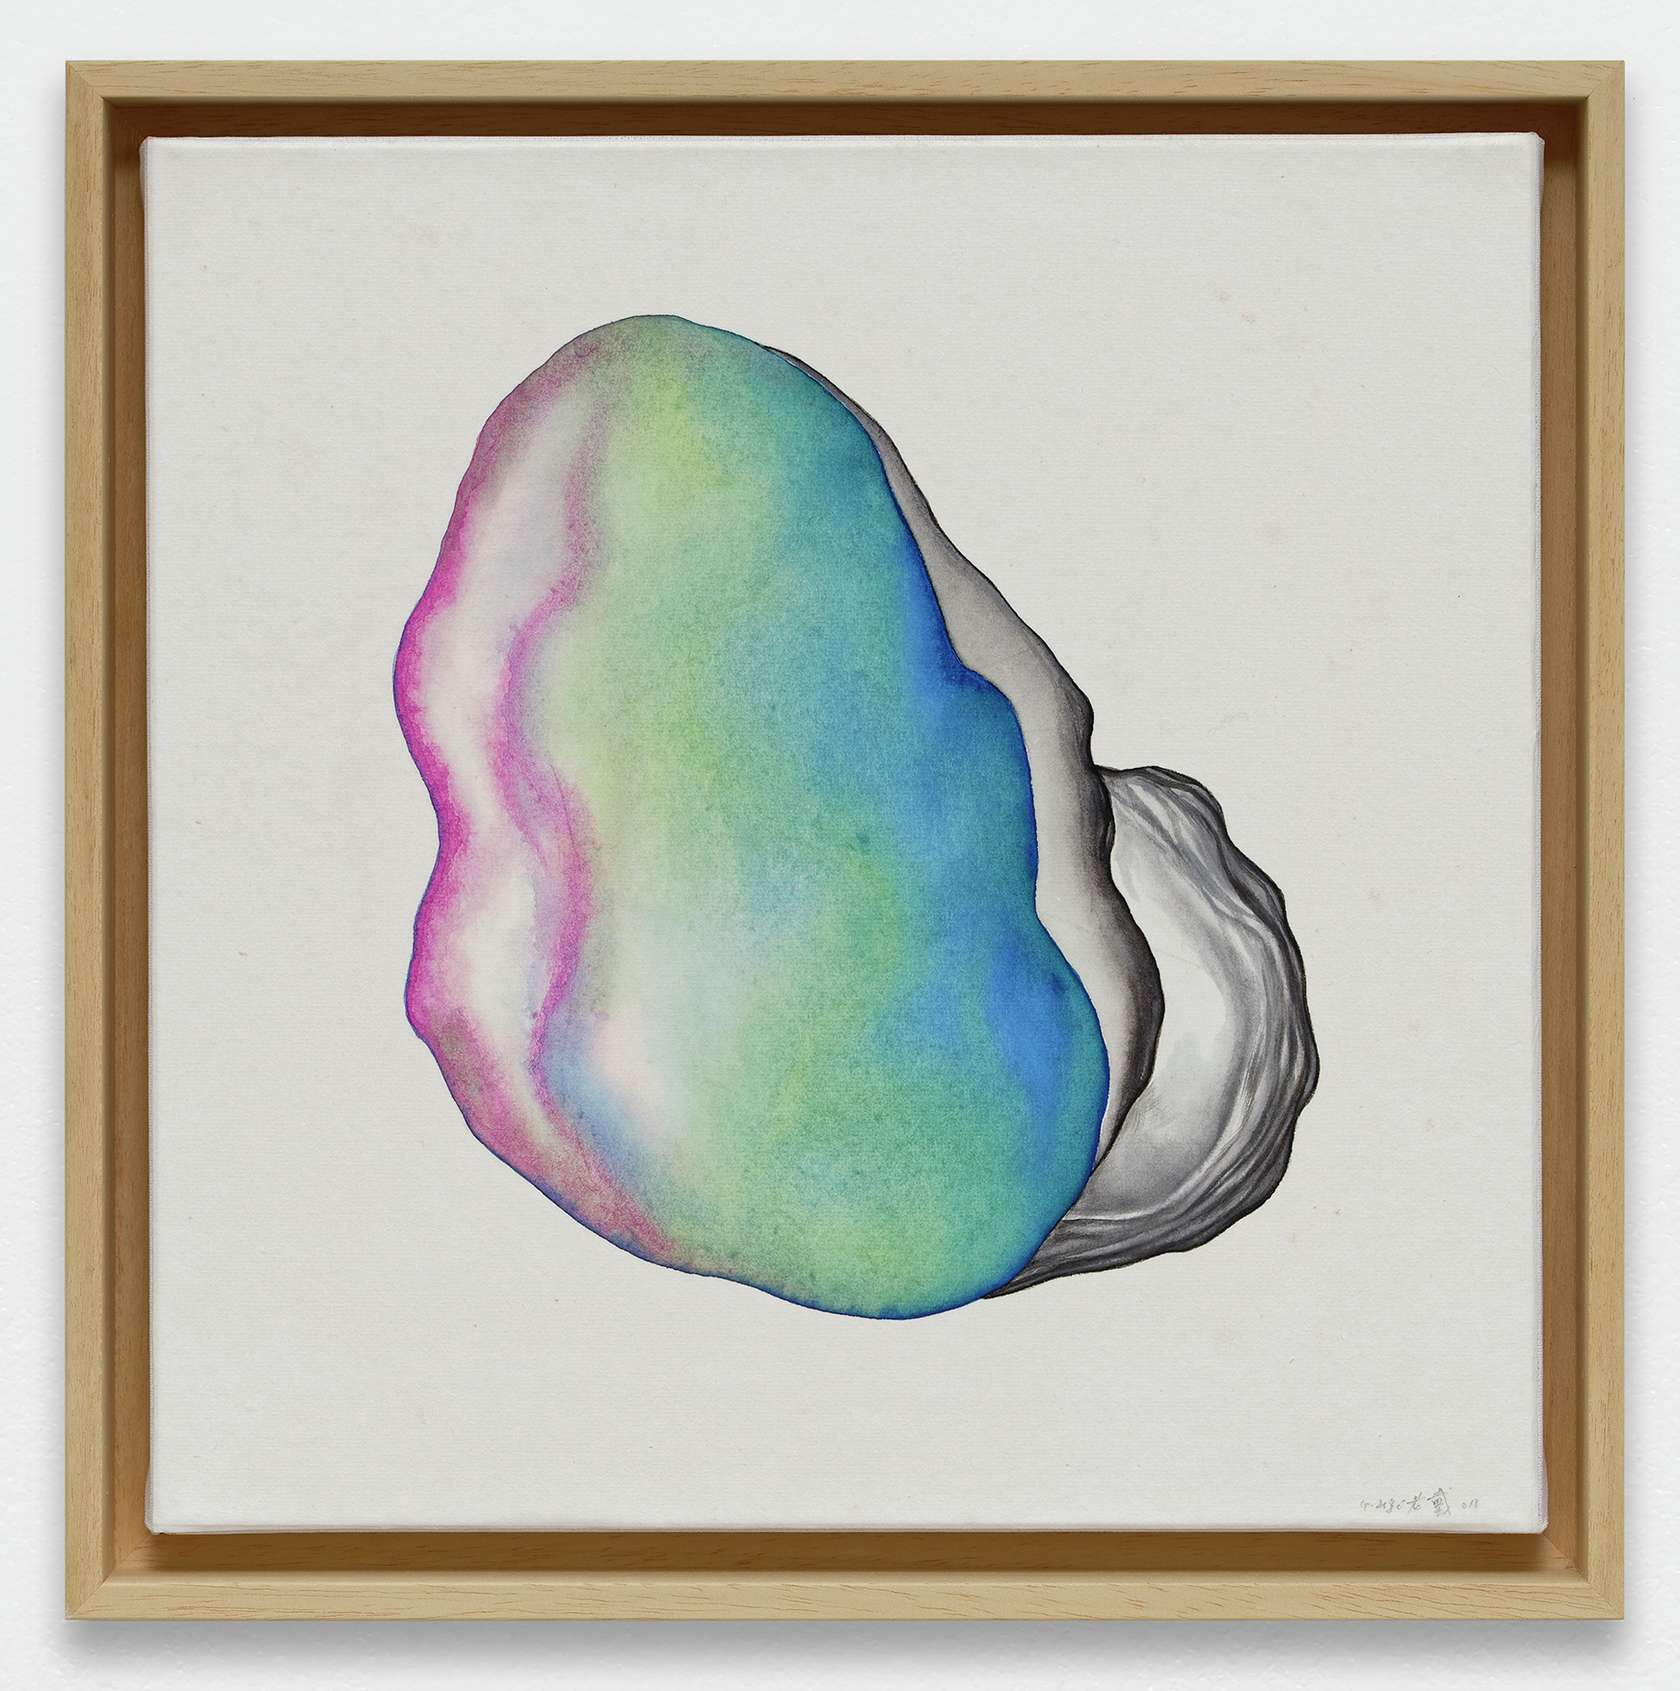 Guillaume Dégé, Sans titre, 2019 Gouache sur papier chinois marouflé sur toile33.5 × 33.5 cm / 13 2/8 × 13 2/8 in.